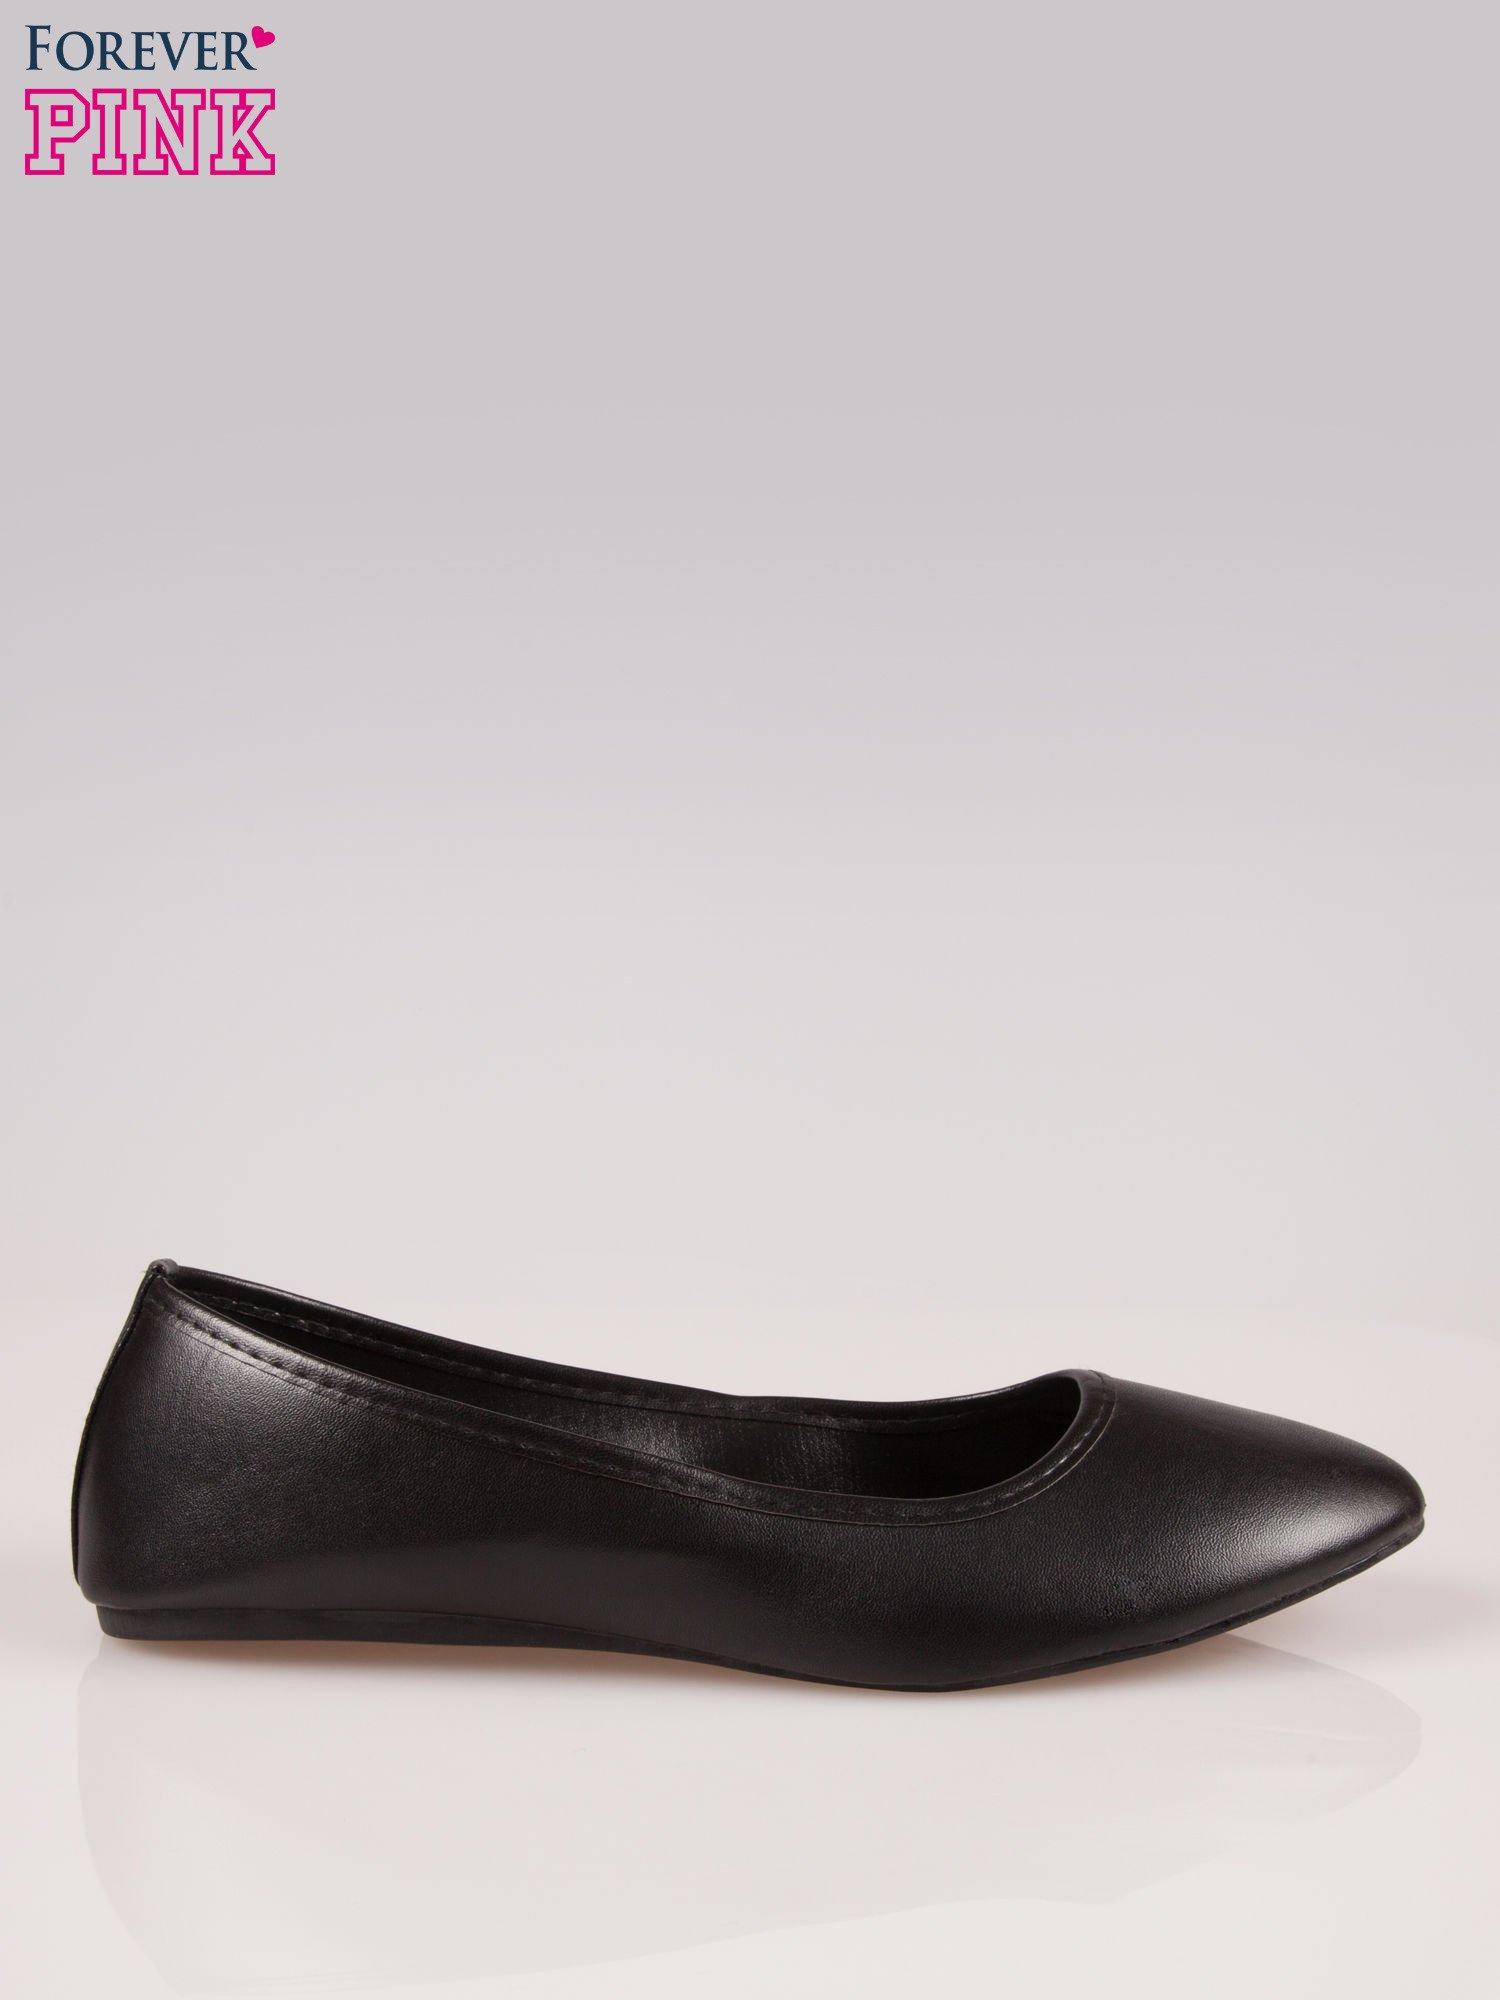 Czarne gładkie balerinki eco leather ze skóry ekologicznej                                  zdj.                                  1